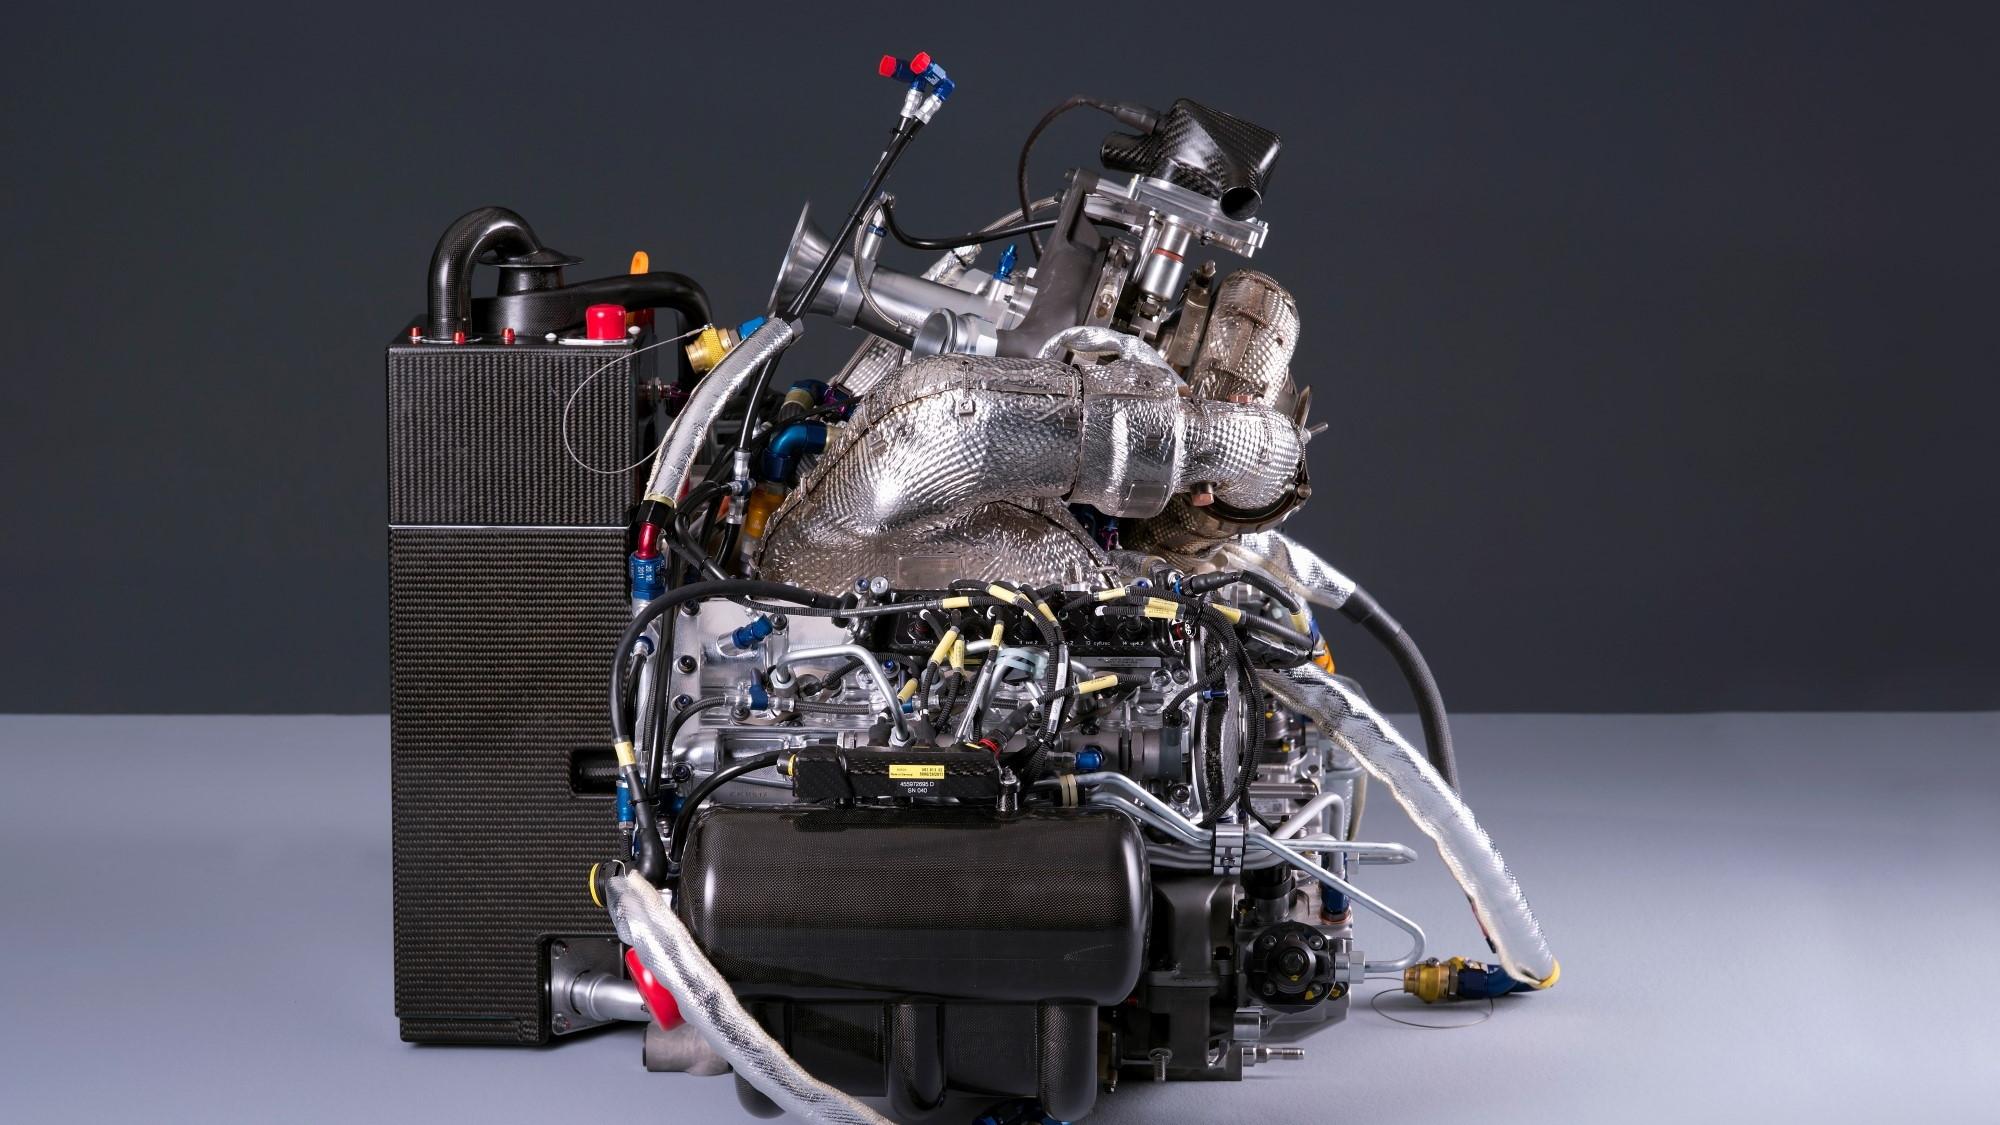 Audi Le Mans prototypes, lightness through carbon fiber